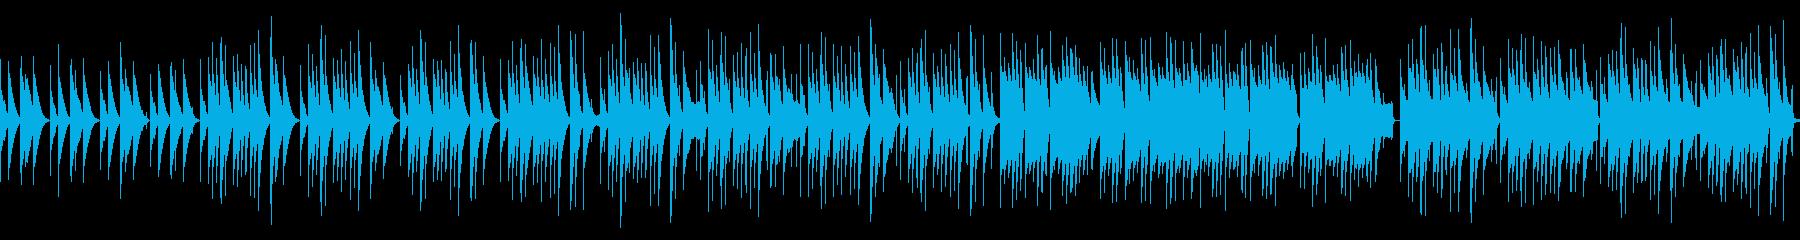 木琴と鍵盤ハーモニカのほのぼのとした曲の再生済みの波形